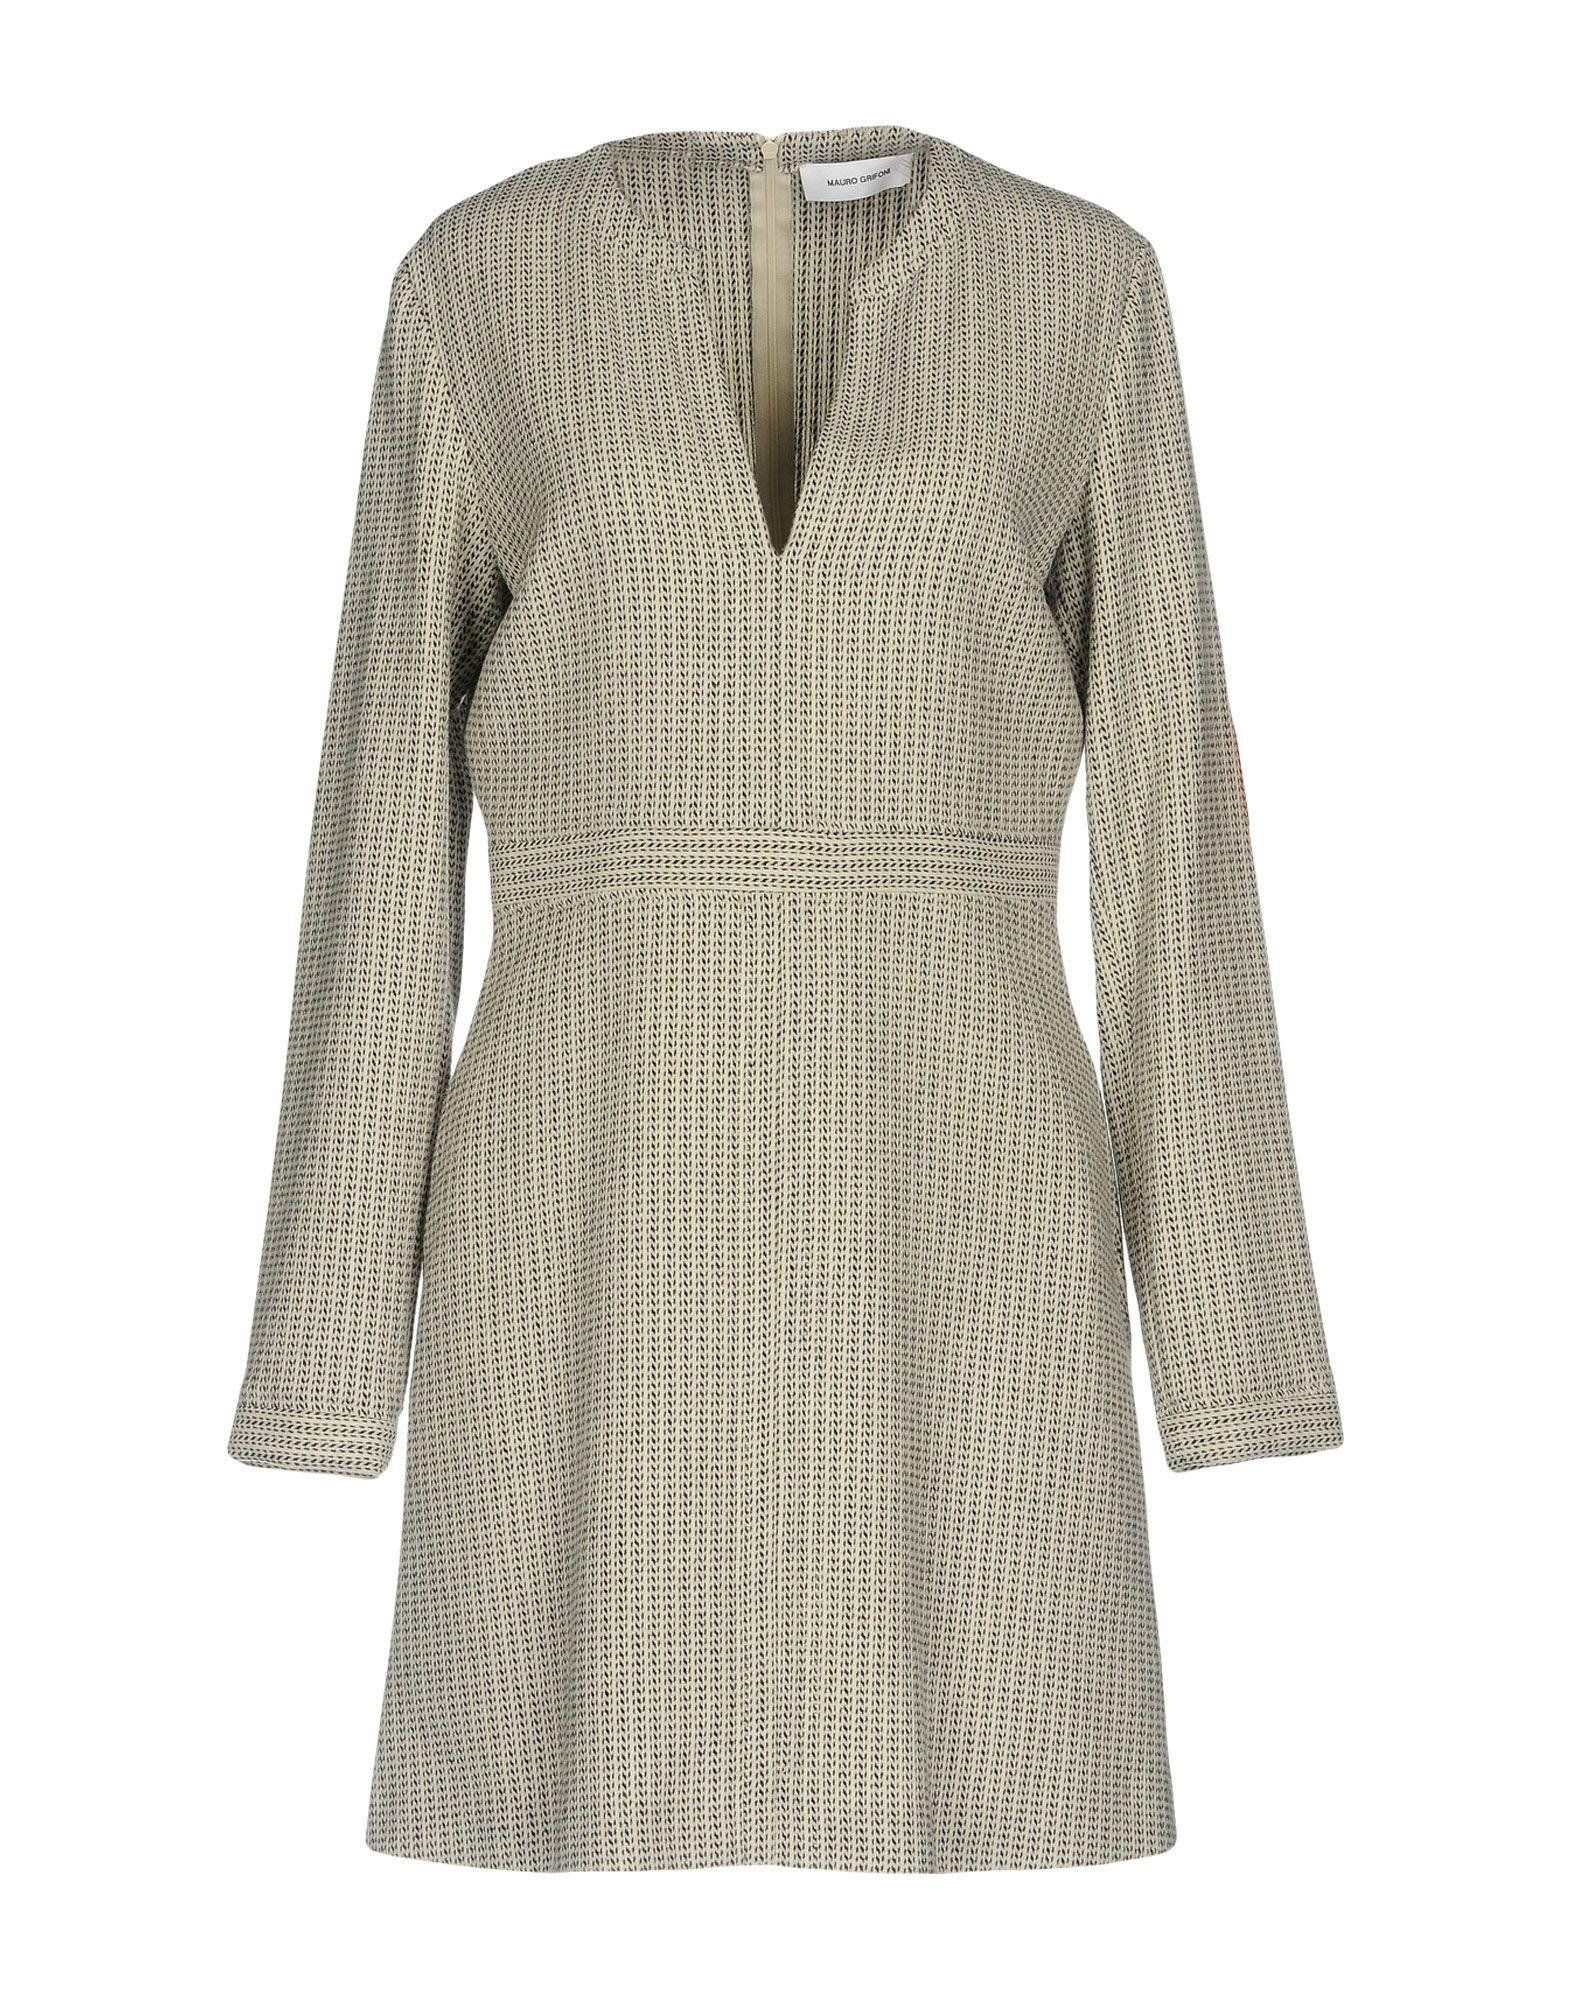 MAURO GRIFONI Damen Kurzes Kleid Farbe Elfenbein Größe 6